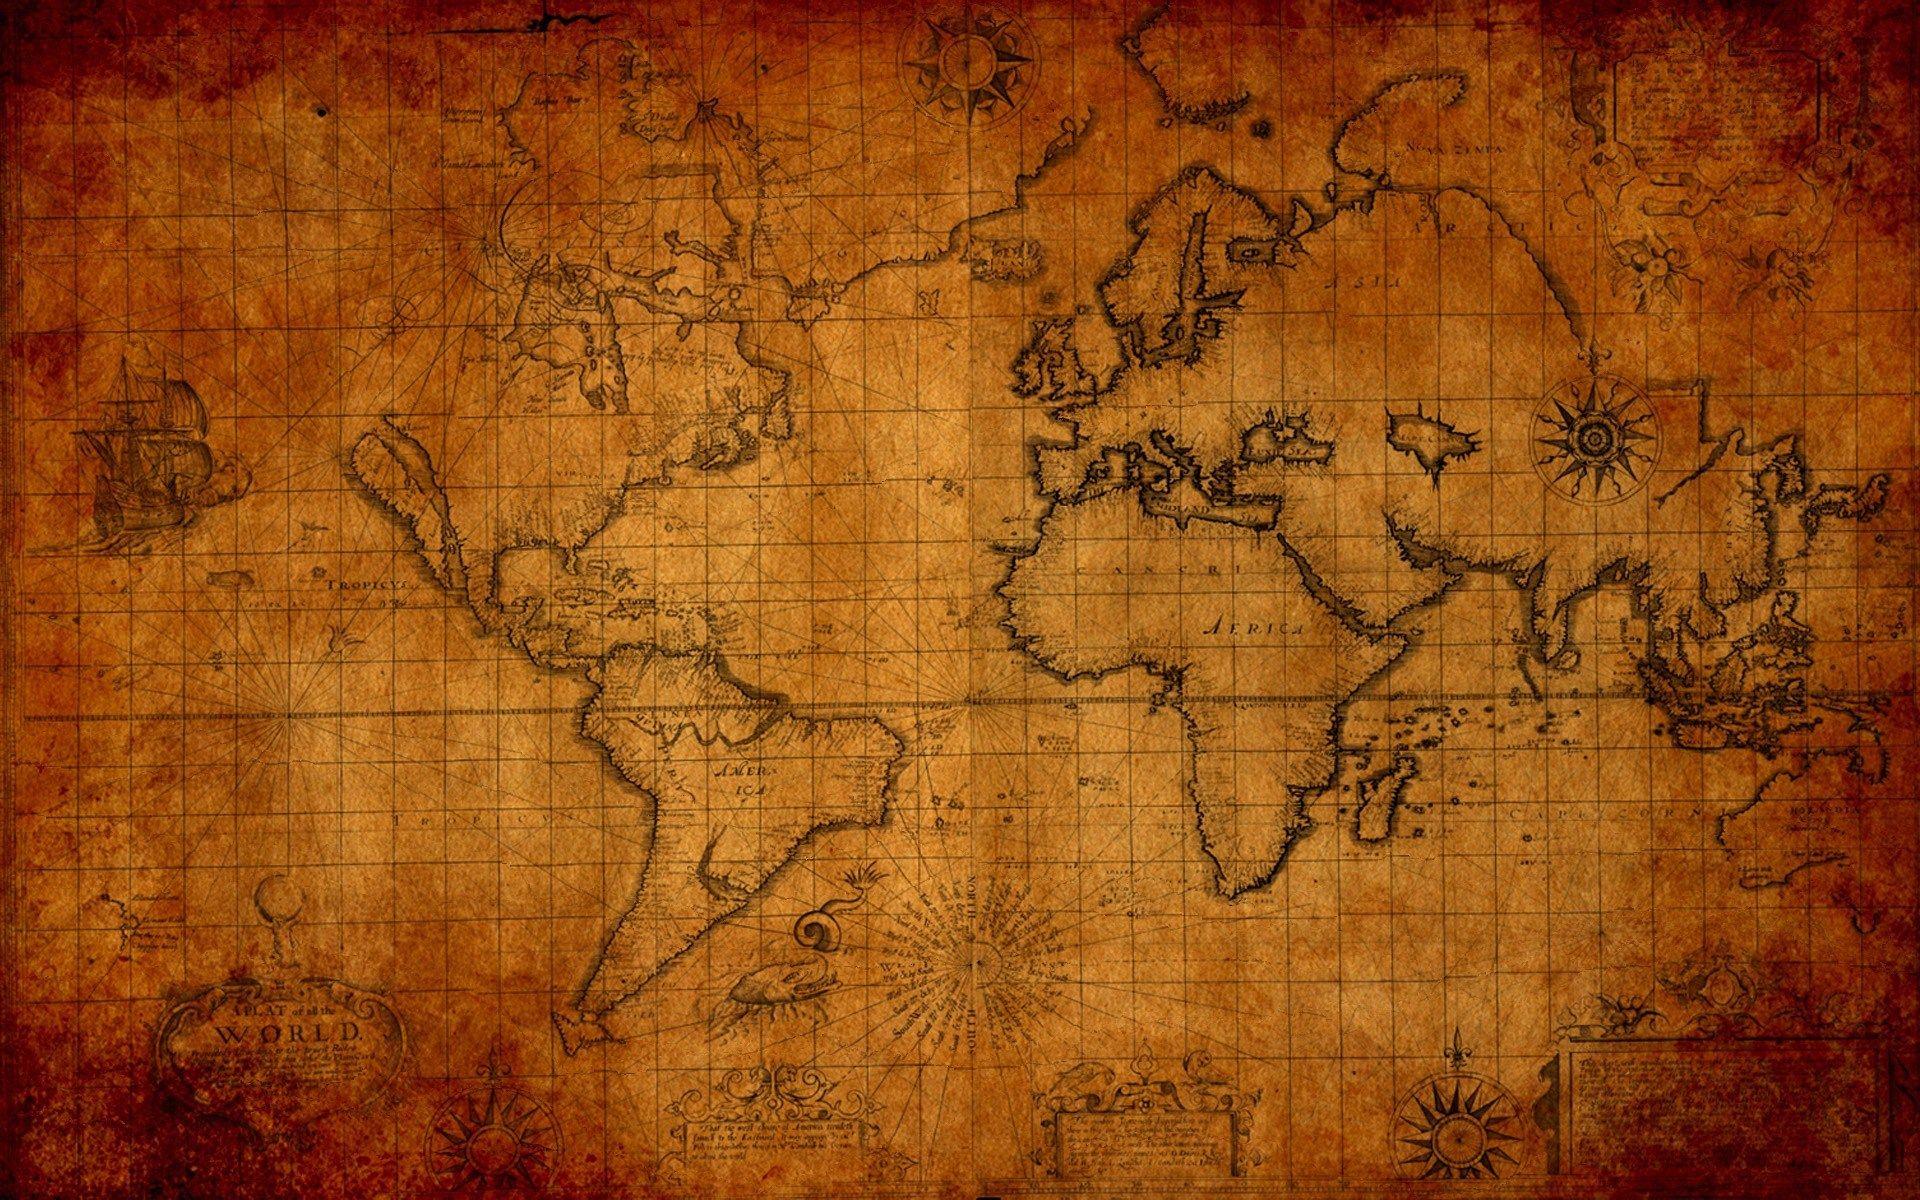 Download Wallpaper High Resolution World Map - 86a15dd28516a4a81e37b920236a8858  Gallery_503377.jpg